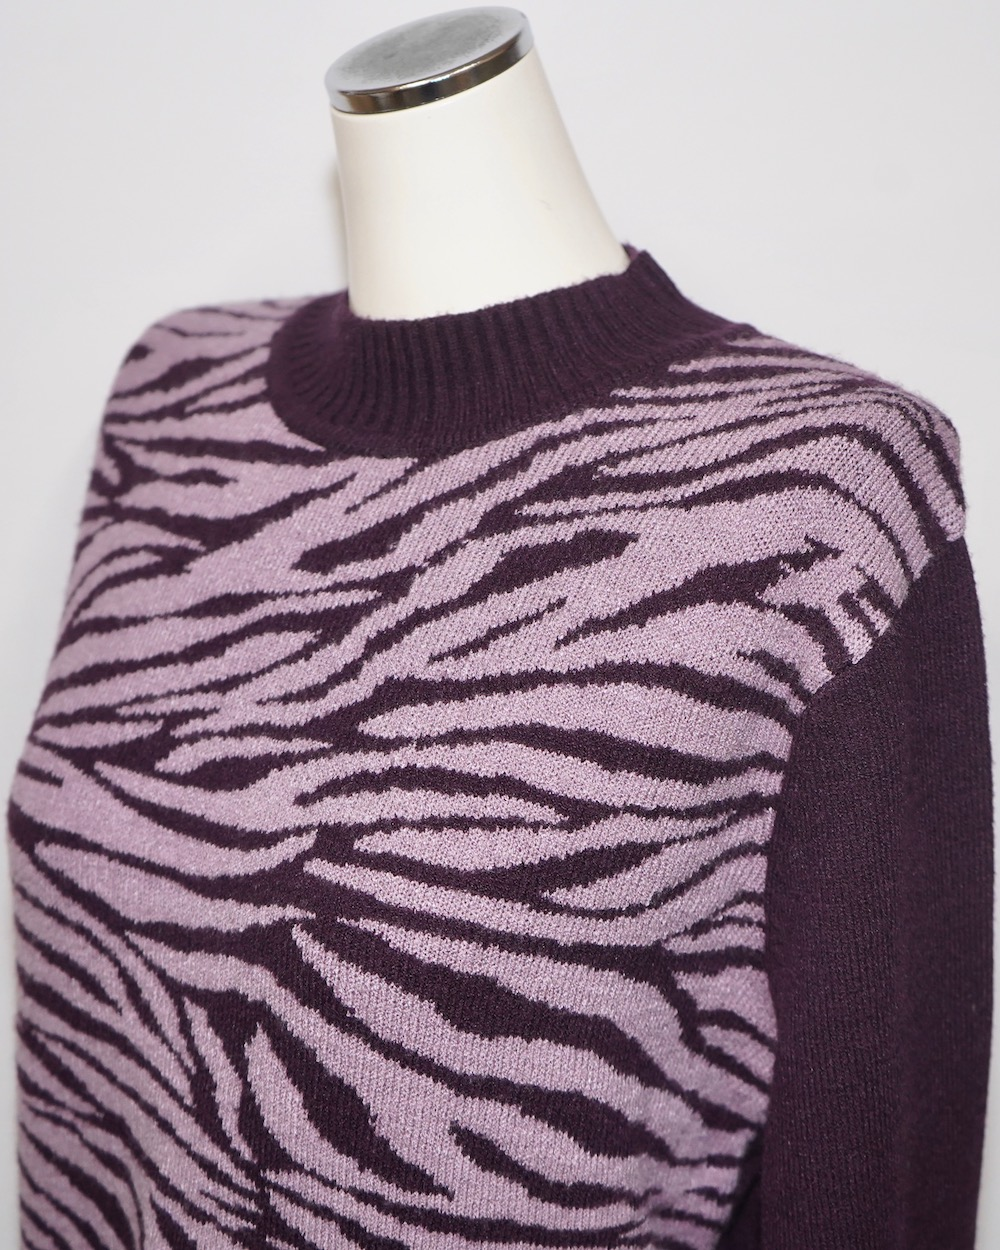 Zebra Pattern Mock Neck Knit Sweater (dark purple)